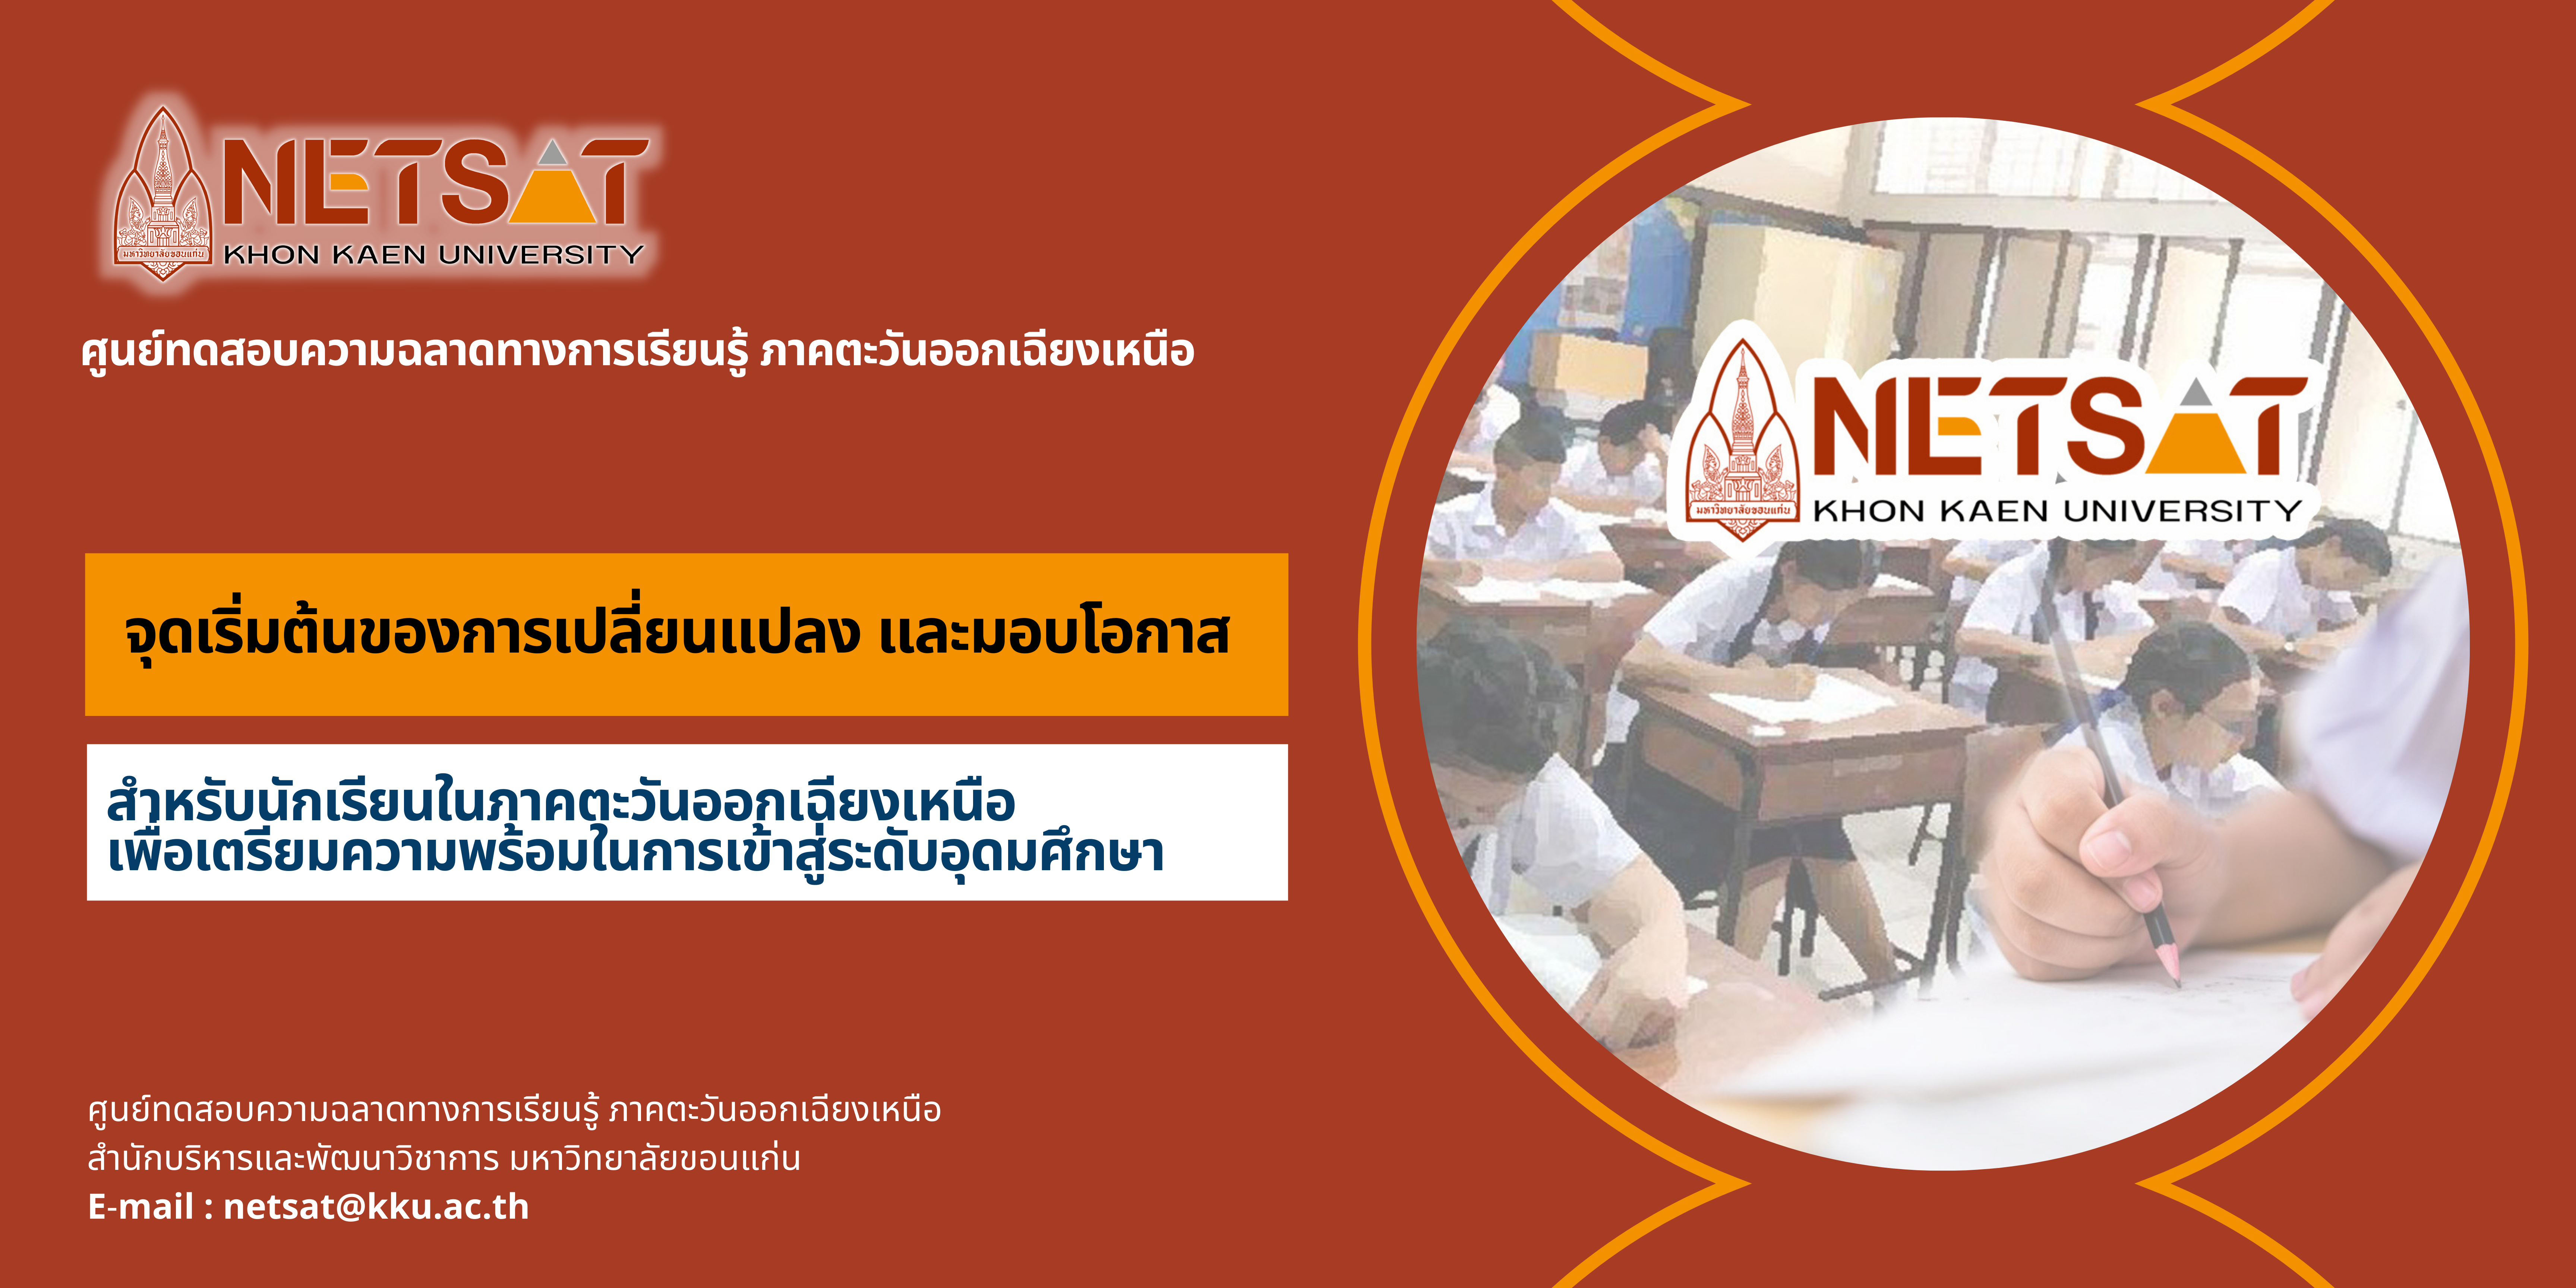 ศูนย์ทดสอบความฉลาดในการเรียนรู้ ภาคตะวันออกเฉียงเหนือ  (North Eastern Thailand Scholastic Aptitude Test Center)